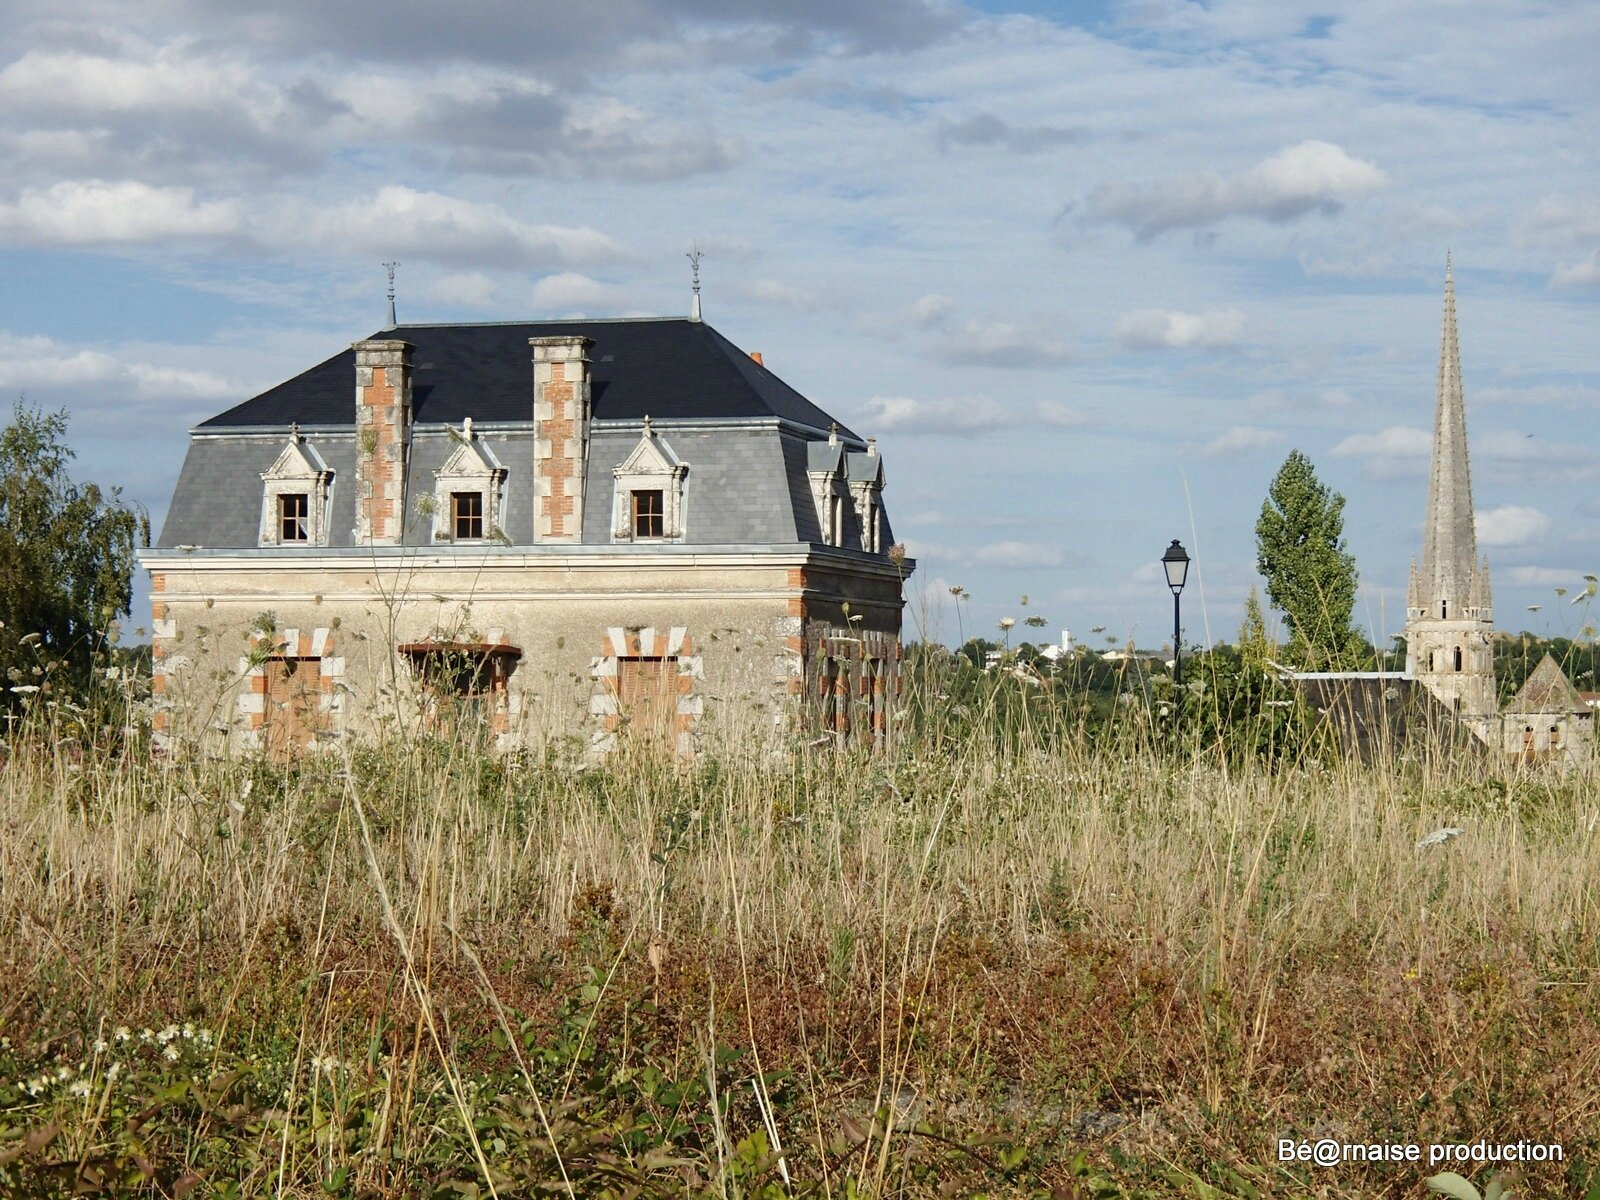 Maison et clocher (Saint-Savin-sur-Gartempe, août 2015)